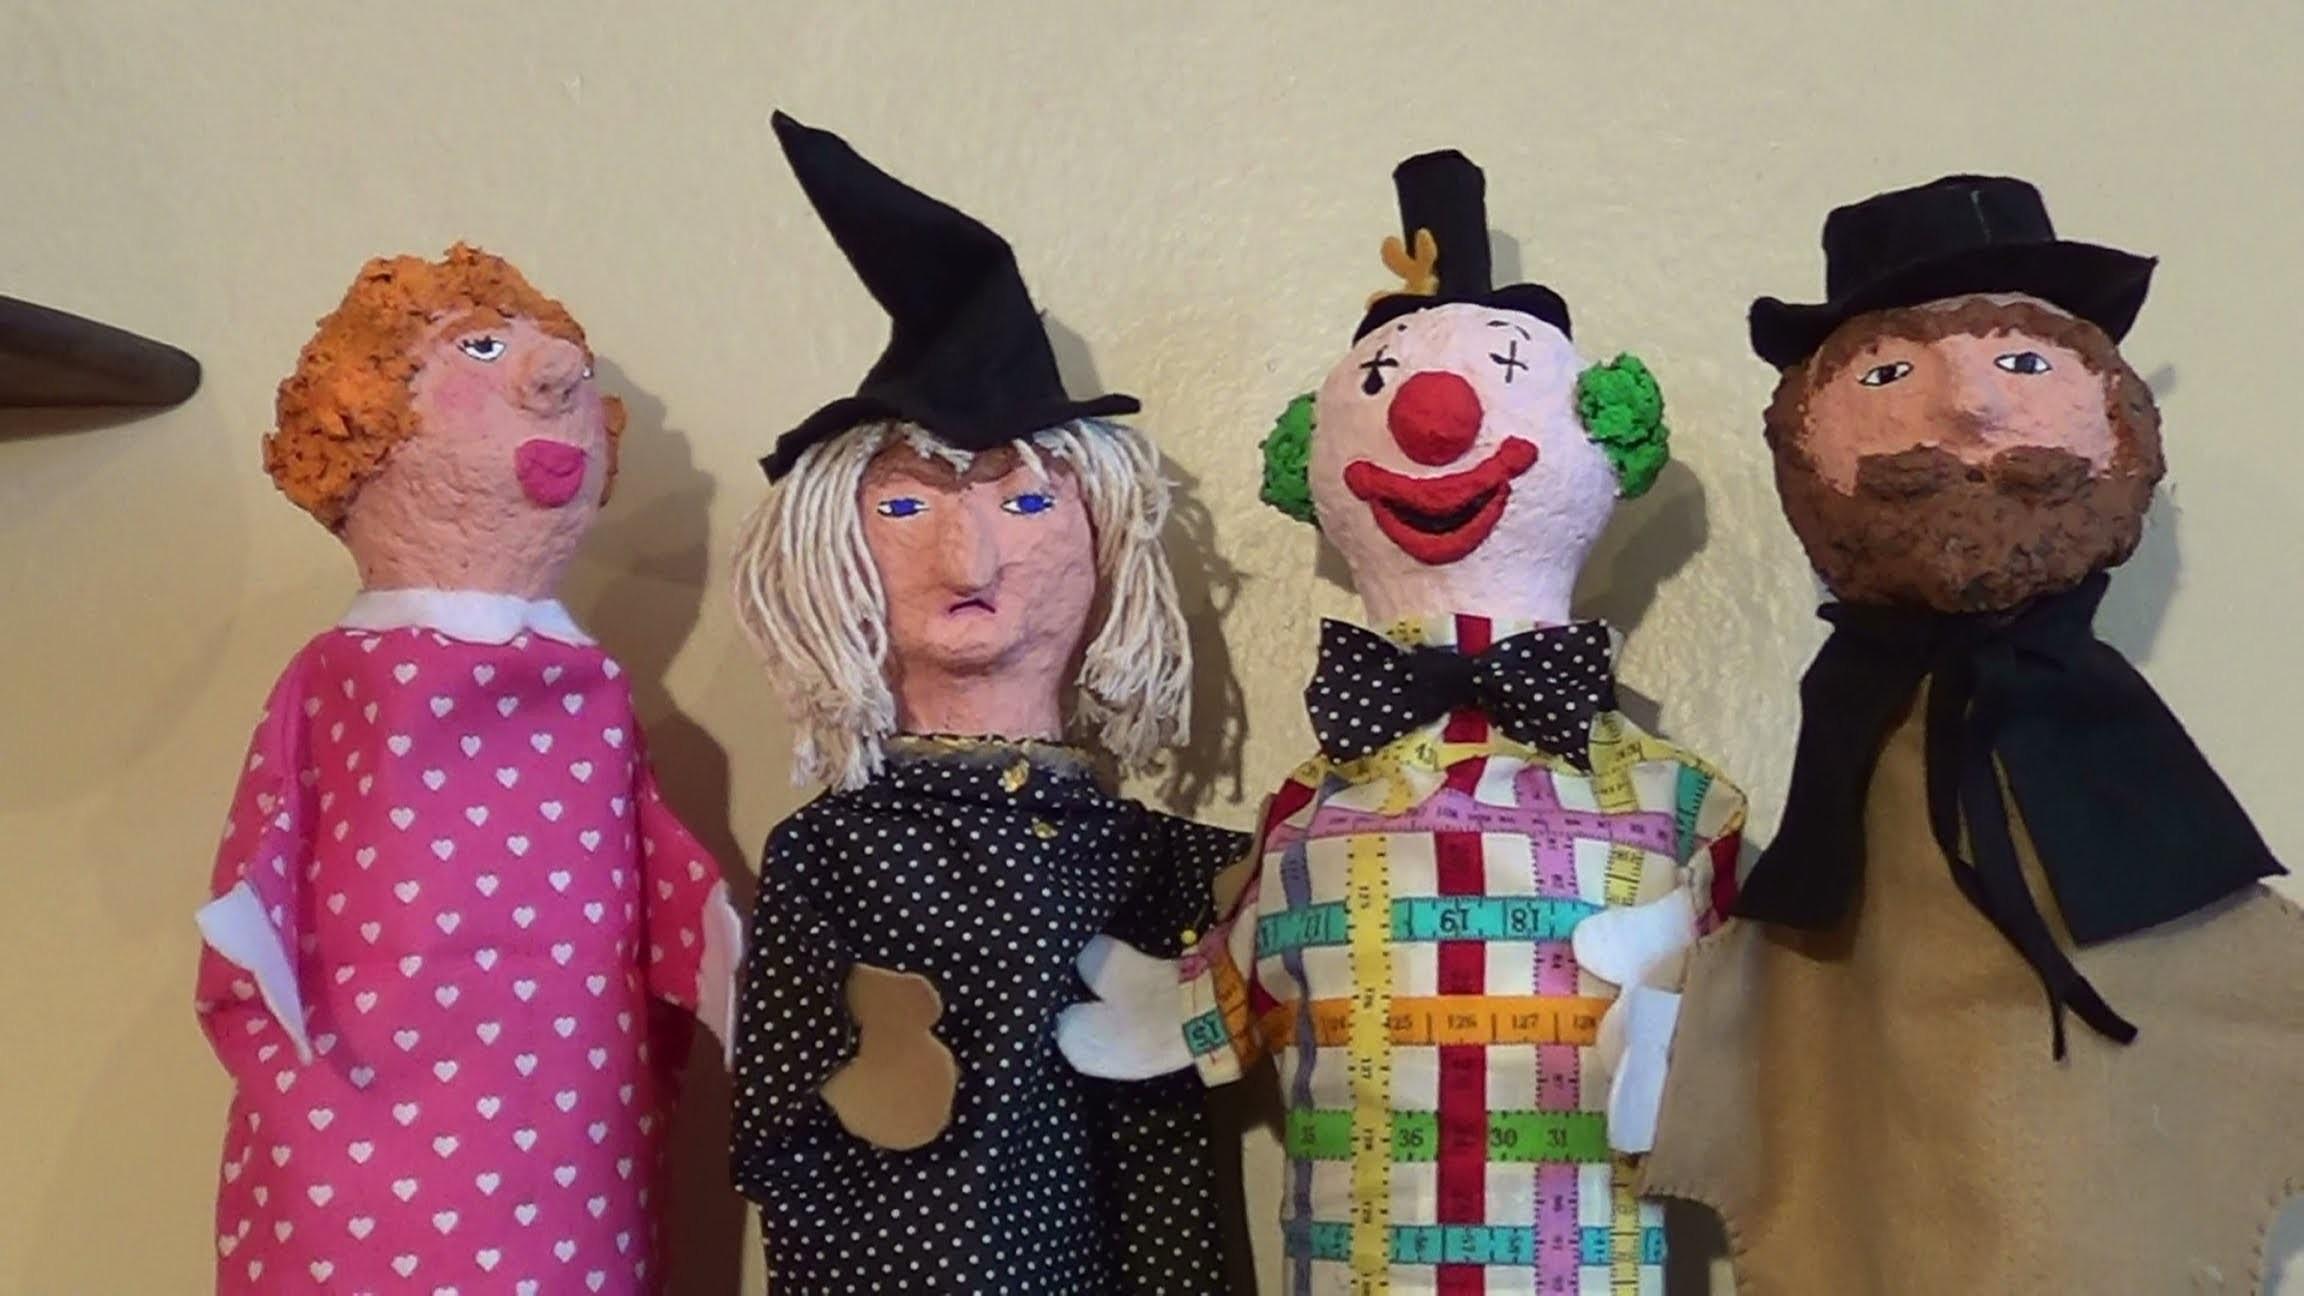 Fantoche de papel machê - Paper mache puppet - Títeres de papel maché